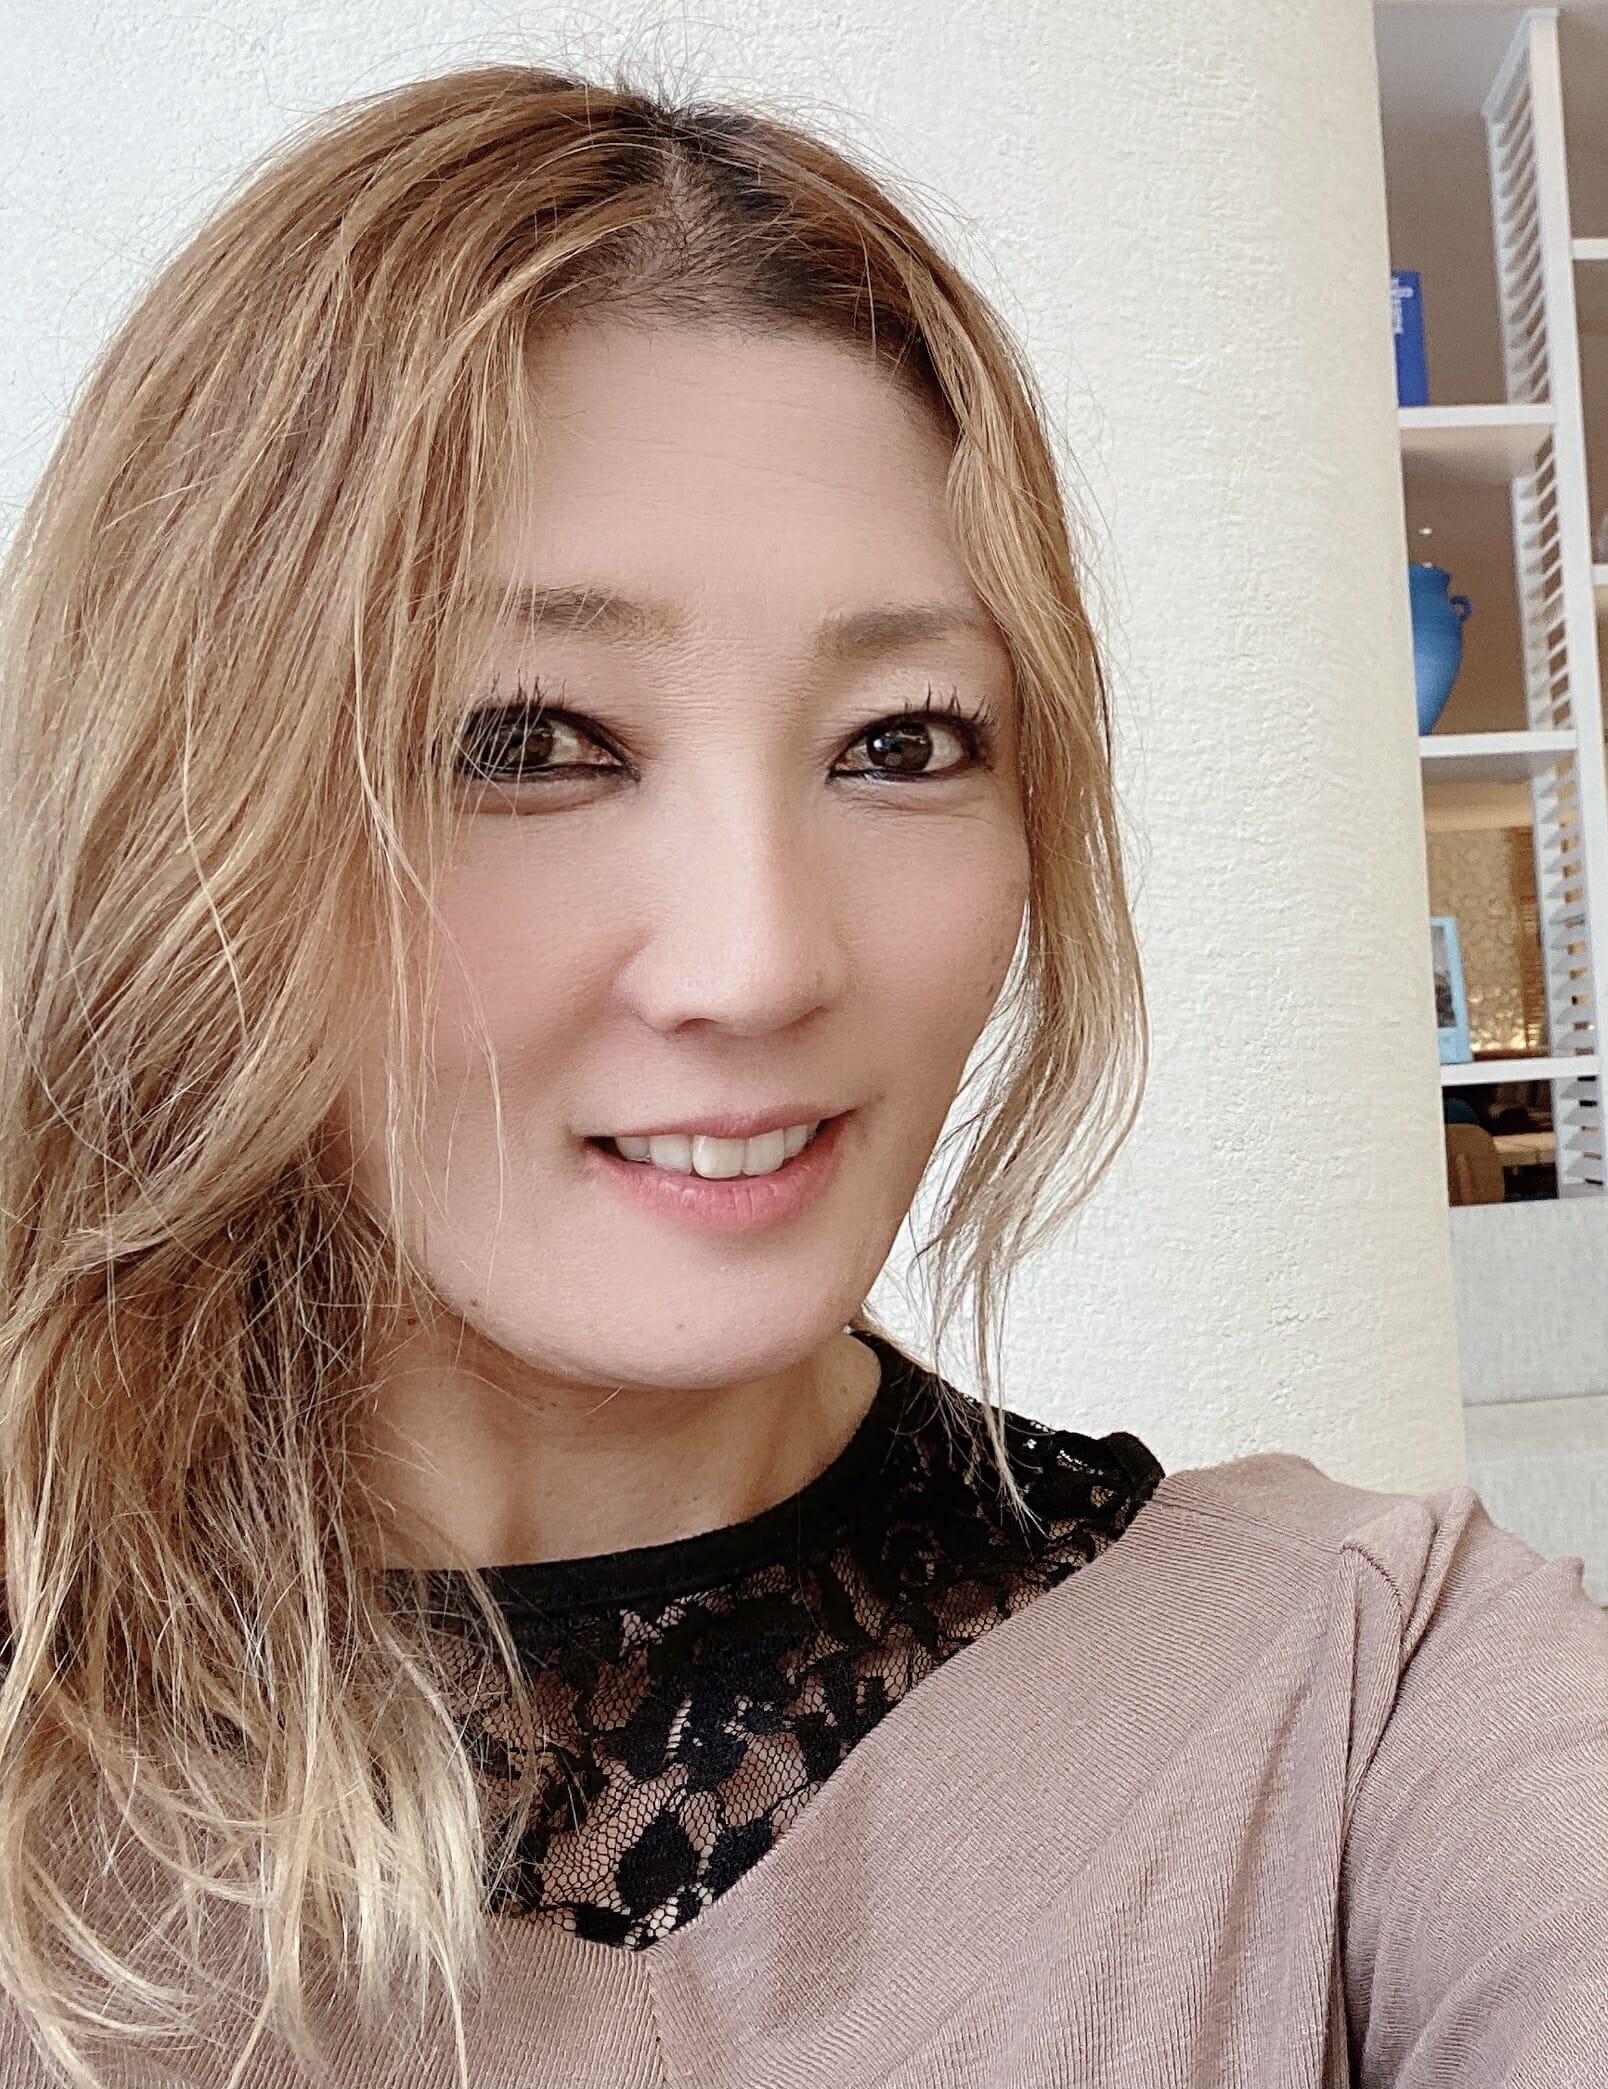 Aya Yurikusa